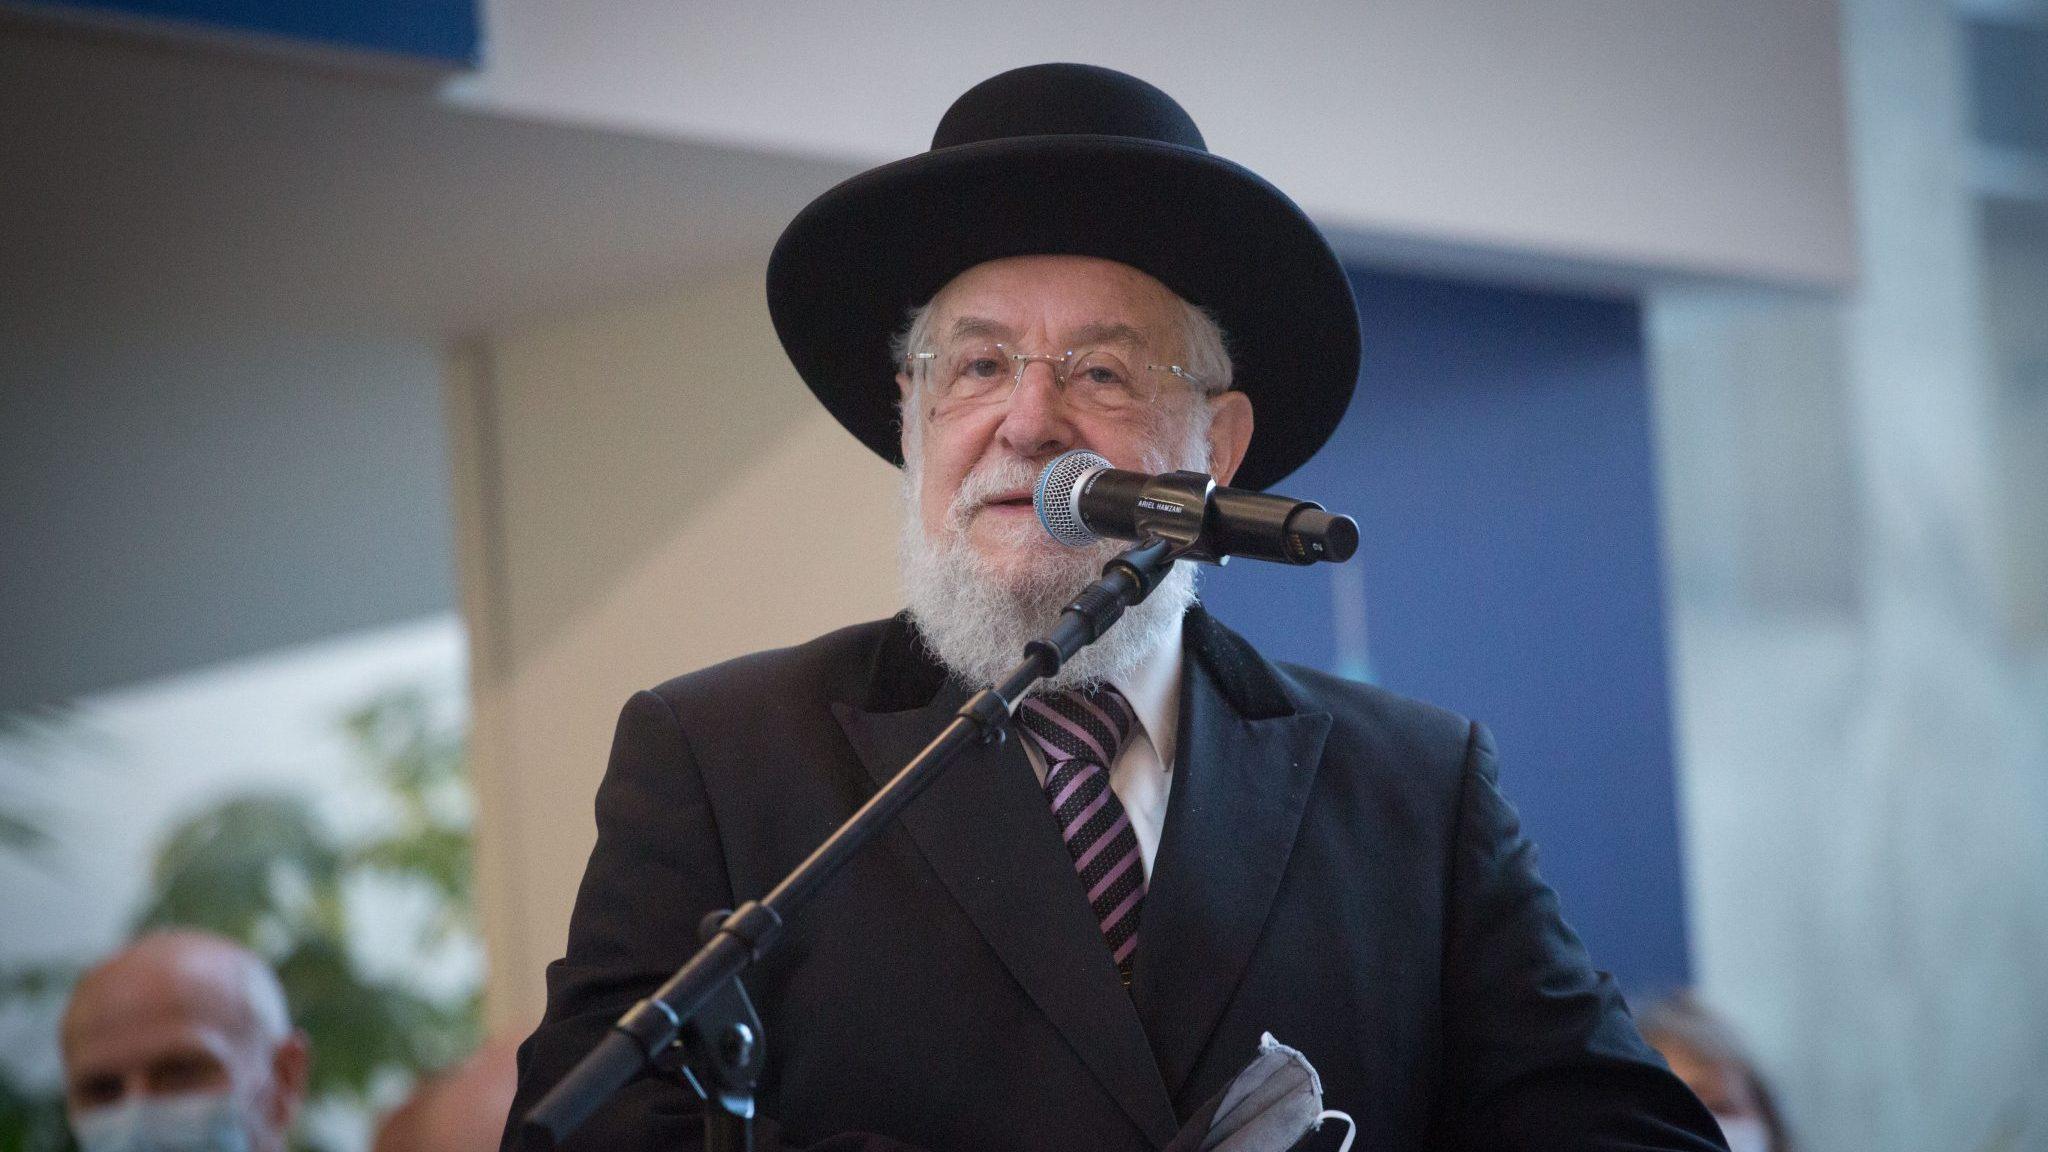 הרב הראשי לשעבר ישראל מאיר לאו אובחן כחיובי לקורונה